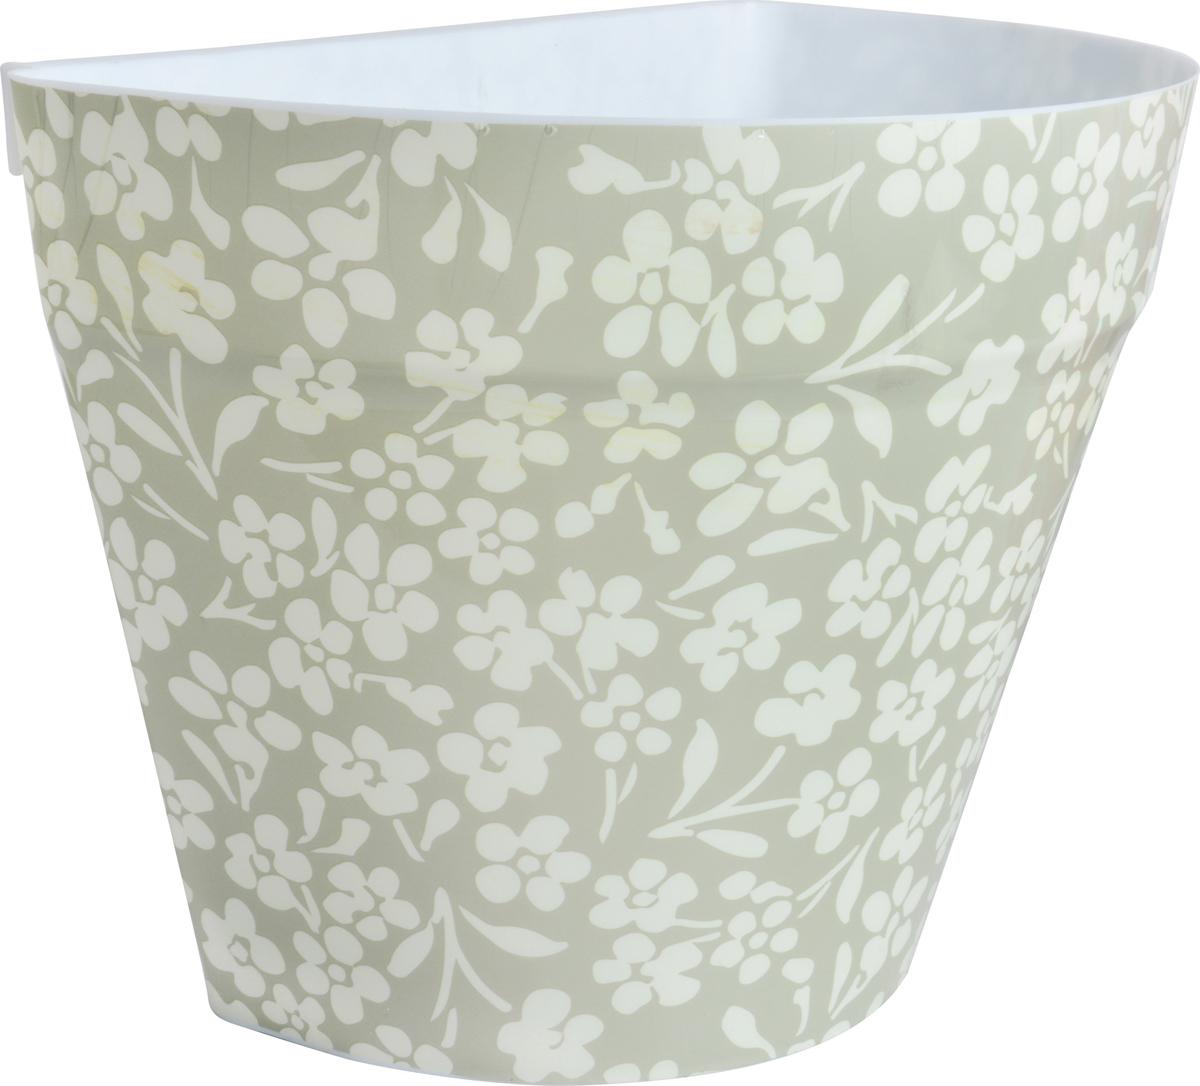 Горшок для цветов Esschert Design, 30 х 21 х 23 см. IM008 esschert design табличка 0 арт hs010 тм esschert design